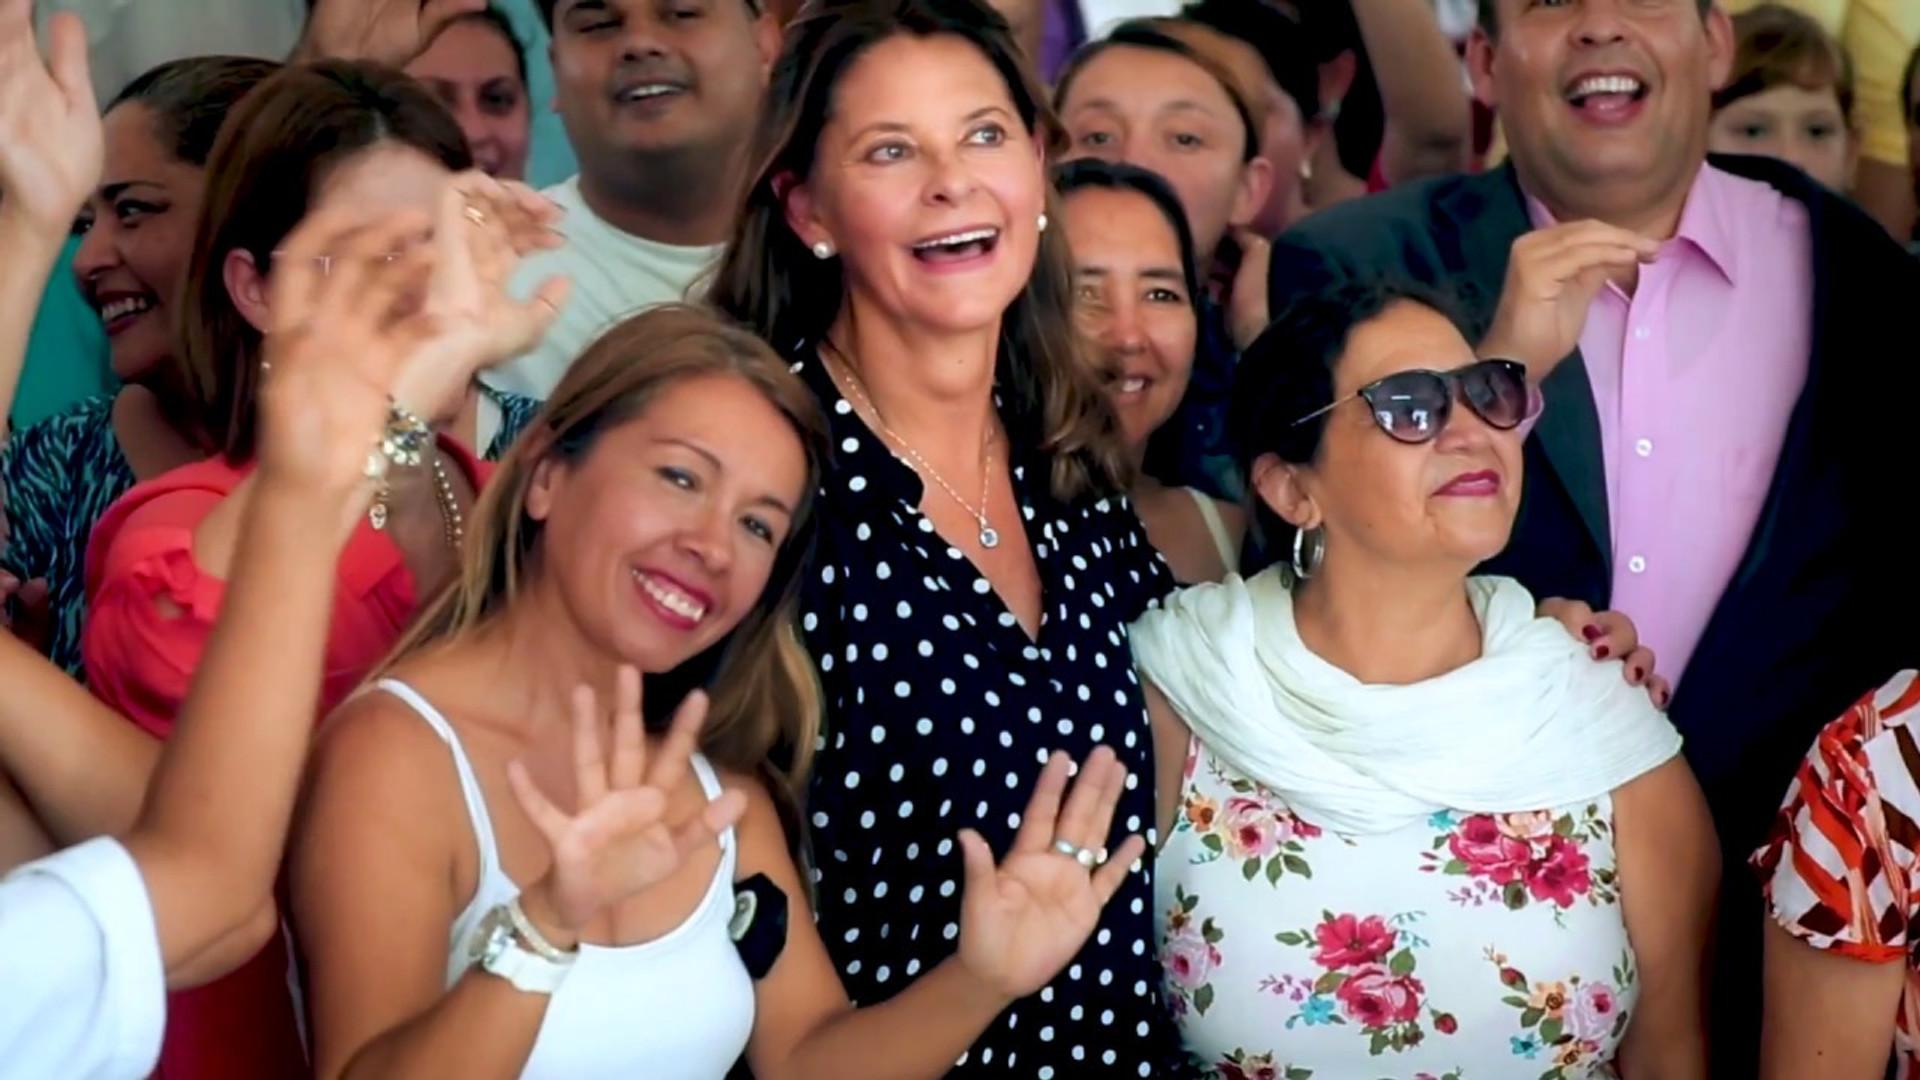 Marta Lucía Ramírez Vice President of Colombia